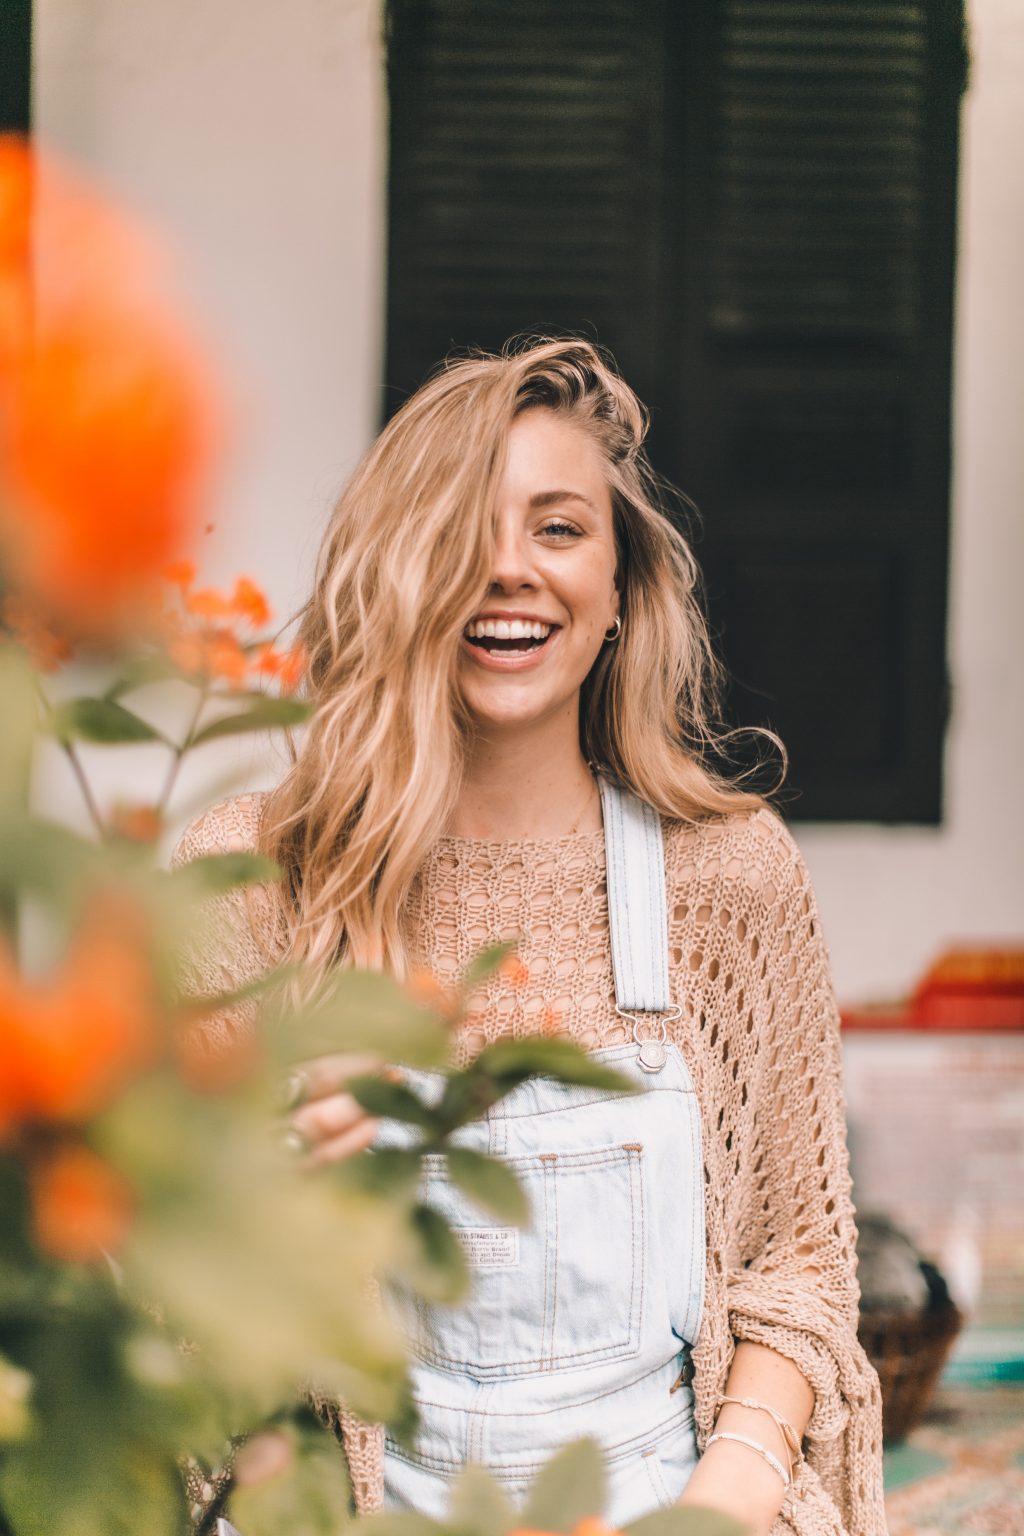 cô gái cười tươi hoa vàng